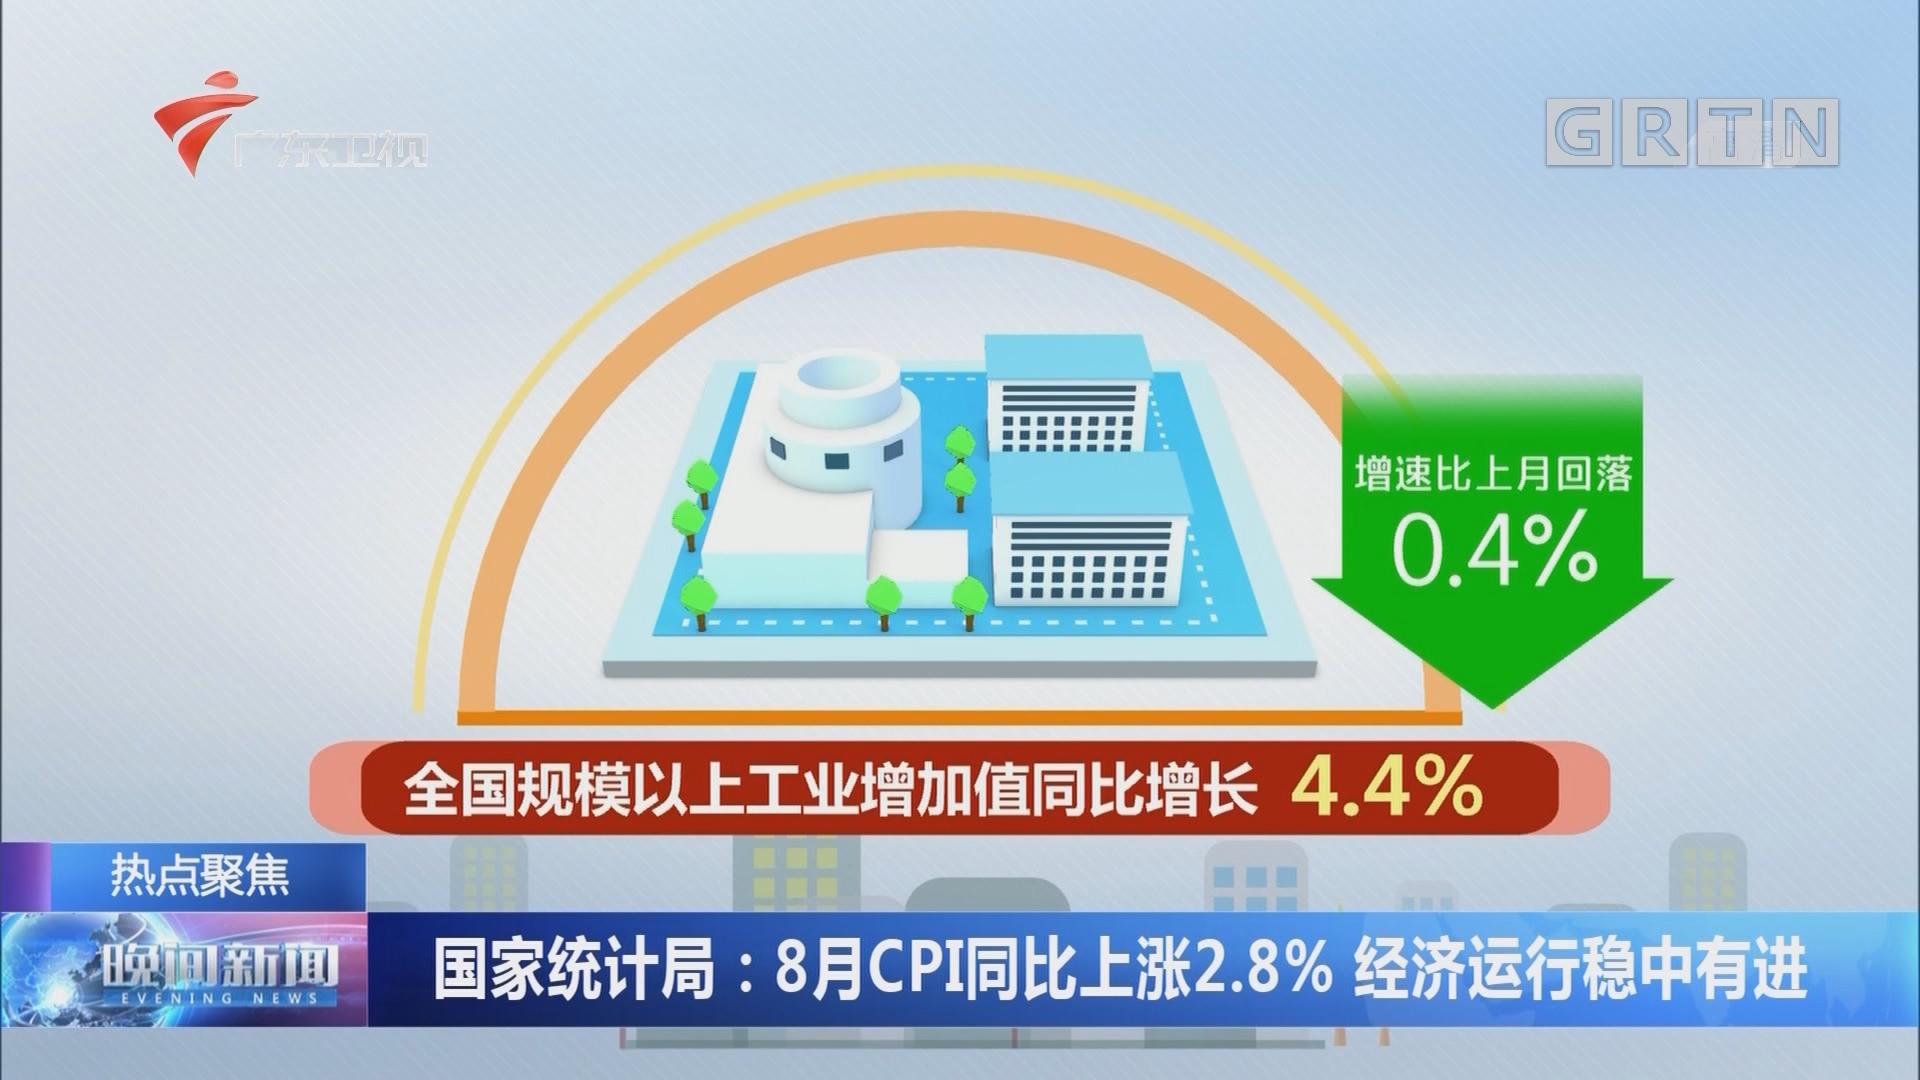 国家统计局:8月CPI同比上涨2.8% 经济运行稳中有进